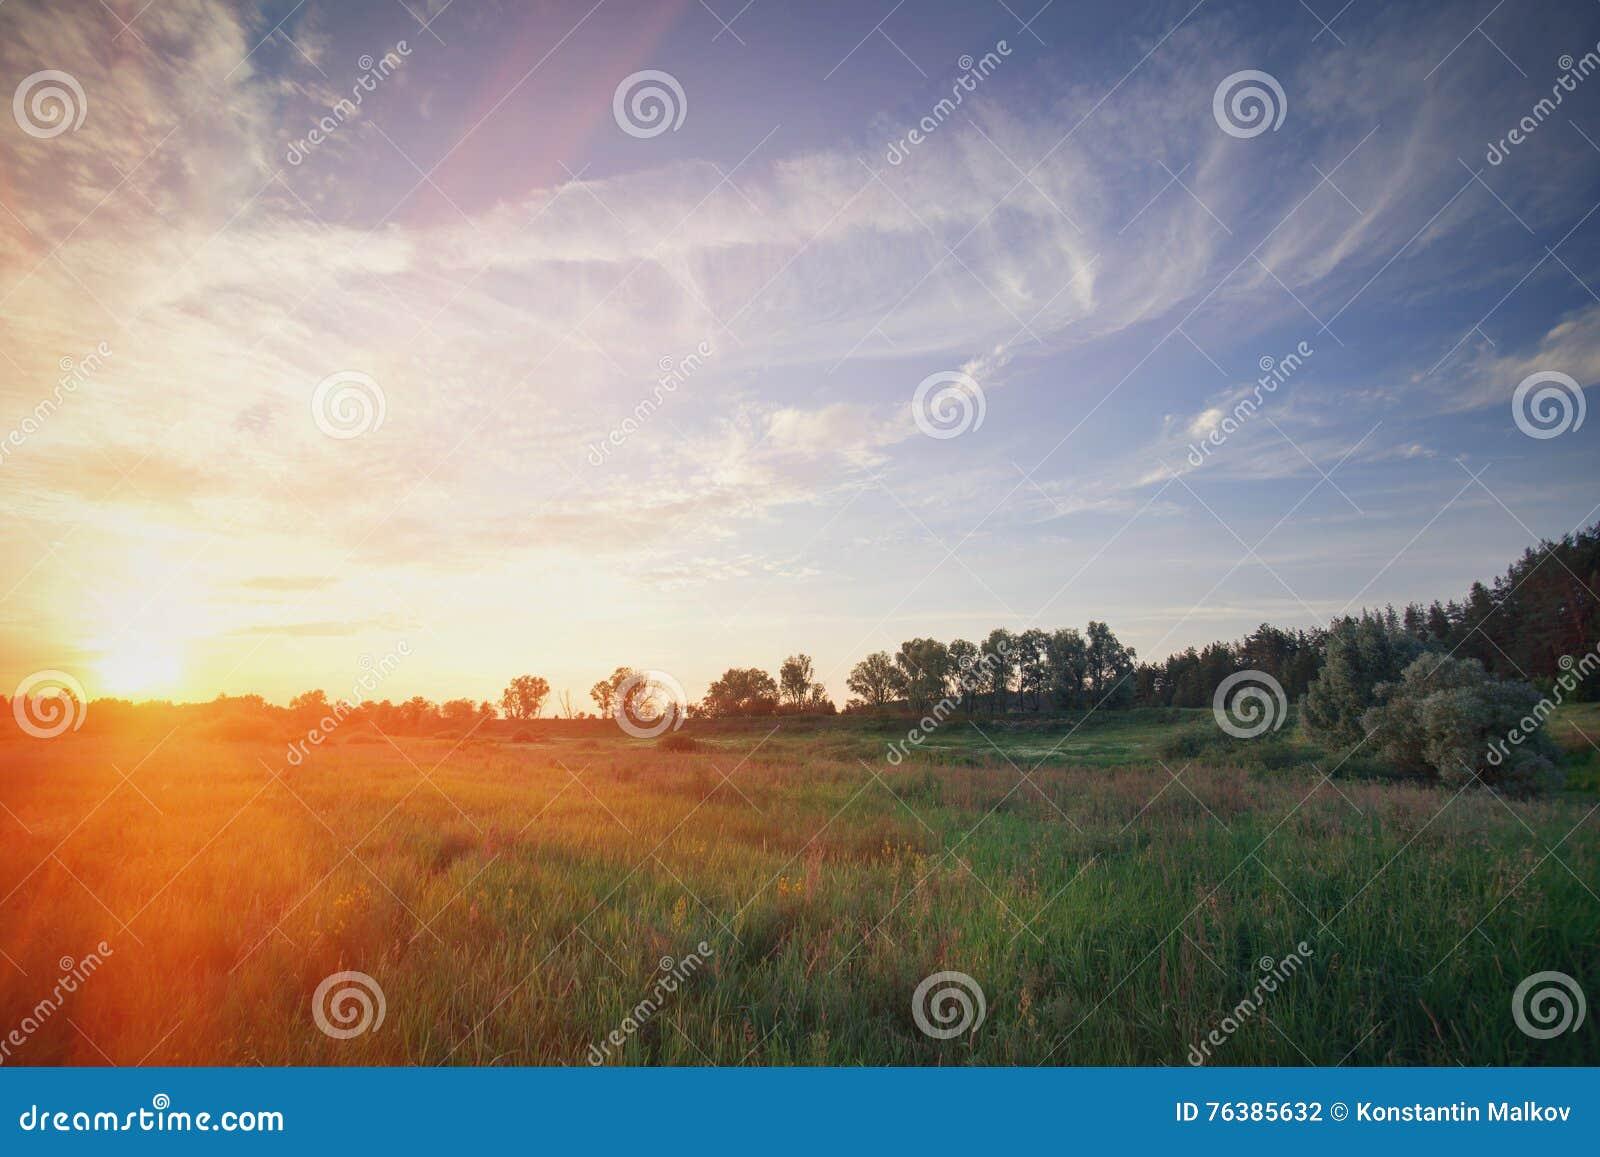 Fantastische dag met verse bloeiende heuvels in warm zonlicht Dramatische en schilderachtige ochtendscène Plaatsplaats: Europa